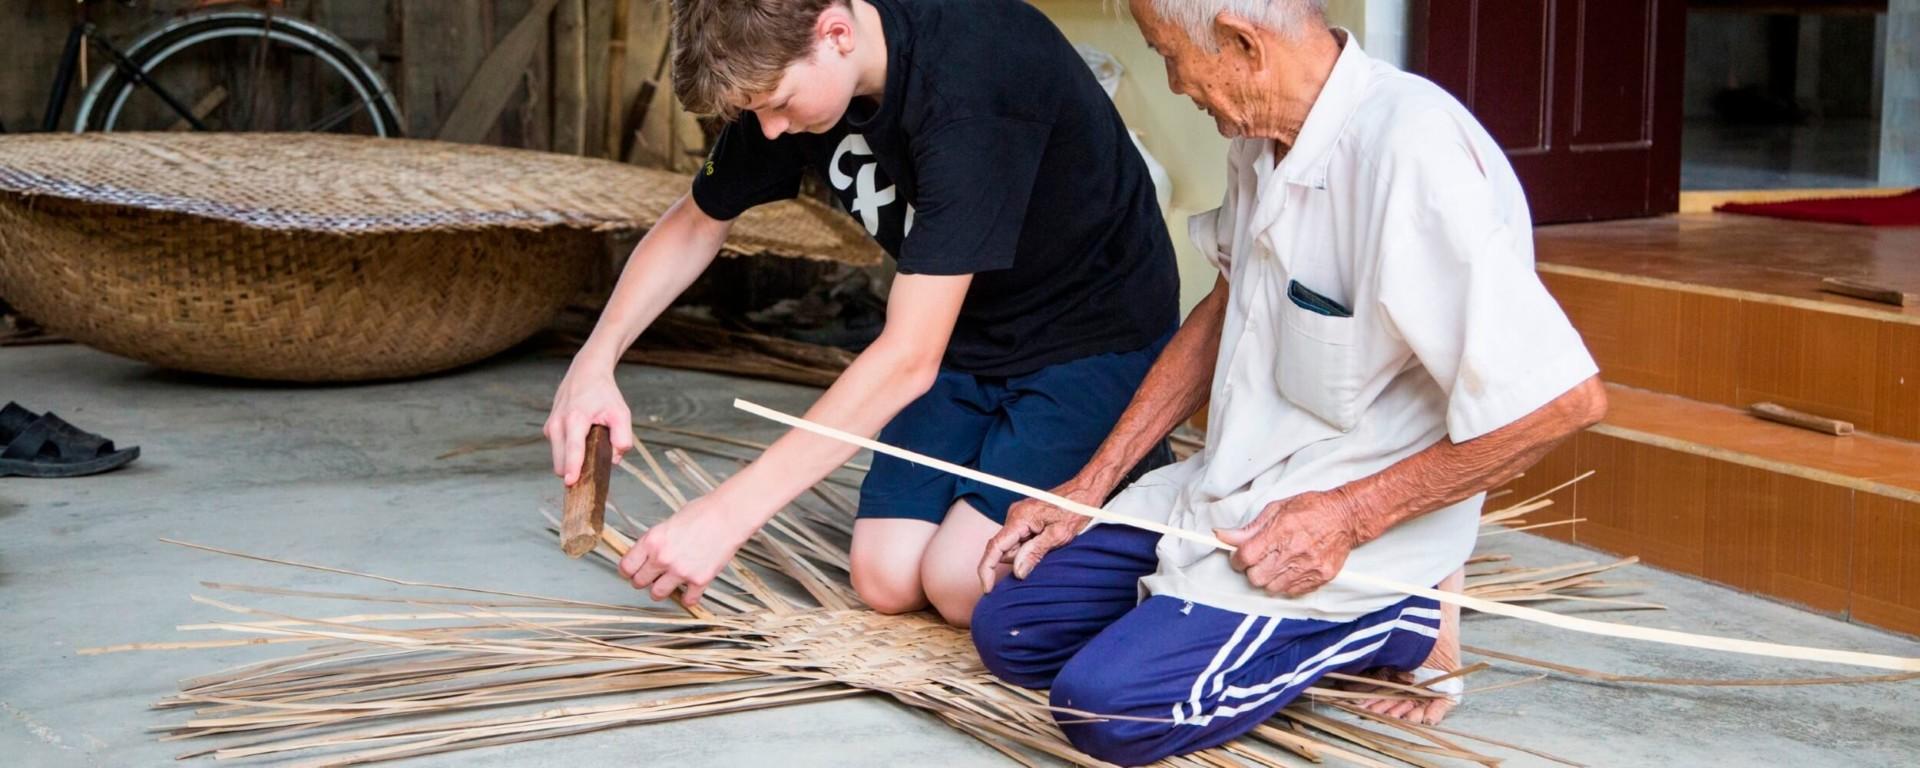 Tourist learnt to do handcraft i Hoi An by an elder Vietnamese man